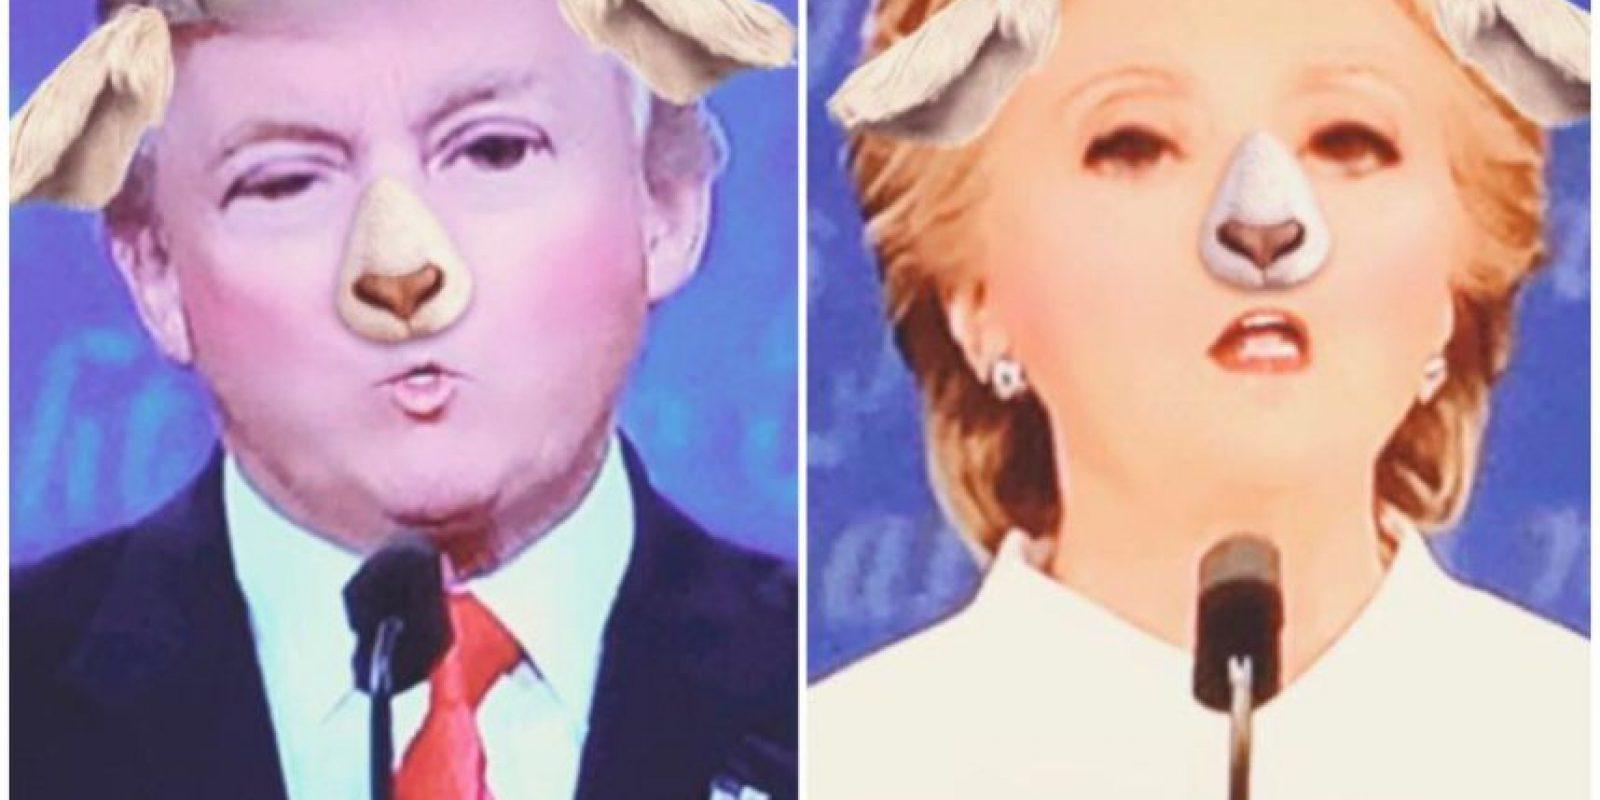 Hubo quienes estuvieron diviertiéndose con los filtros de Snapchat Foto:Twitter.com